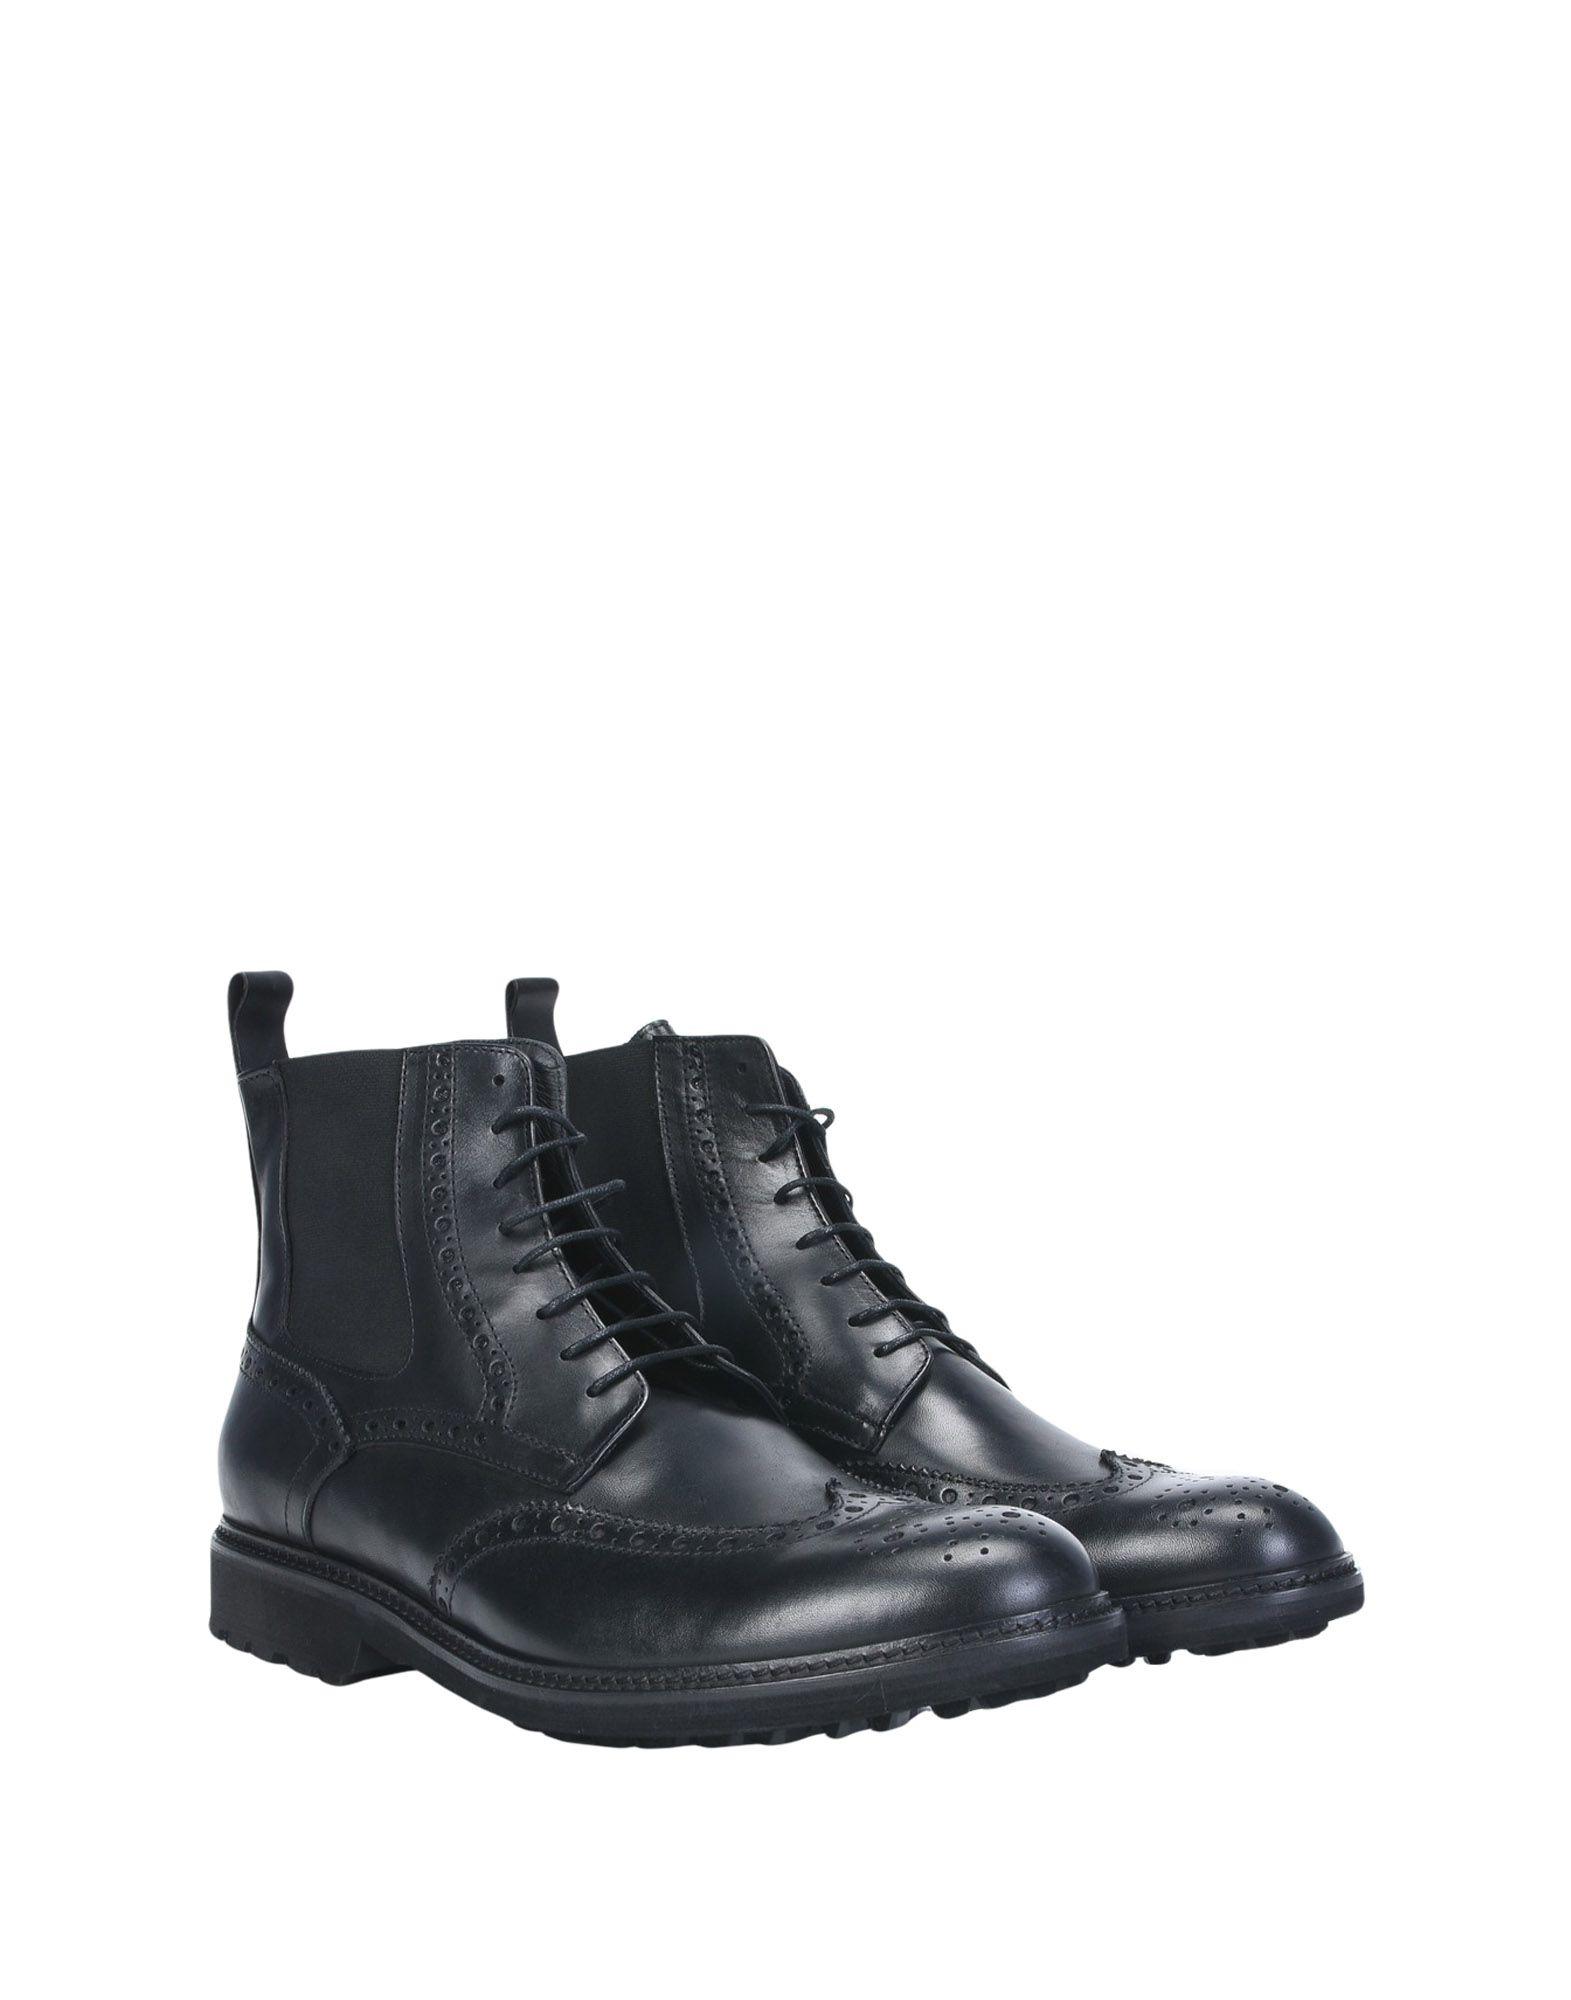 Marechiaro 1962 Stiefelette Herren  11523878BG Gute Qualität beliebte Schuhe